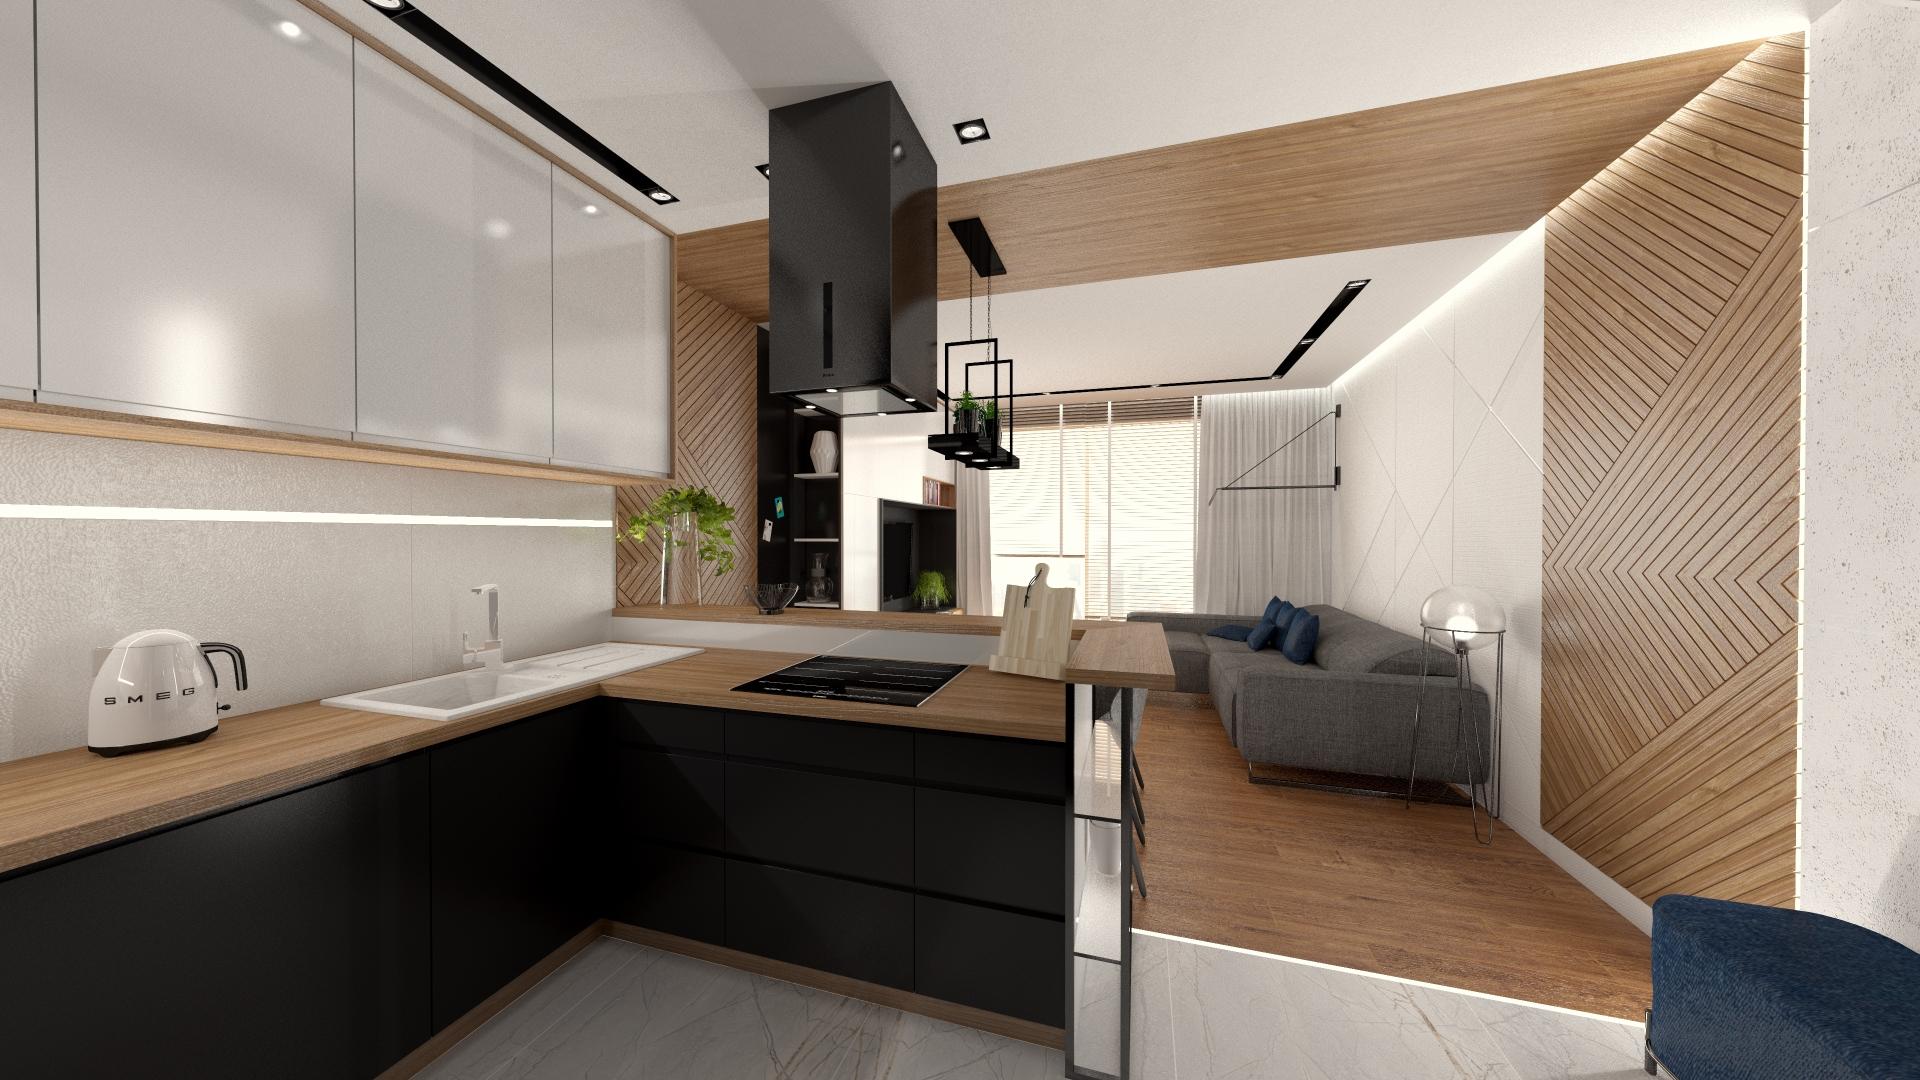 Jew kitchen kuchnia projektantpulawy pracownia projektowania wnetrz czapla malgorzata projekt interior design pulawy (2)